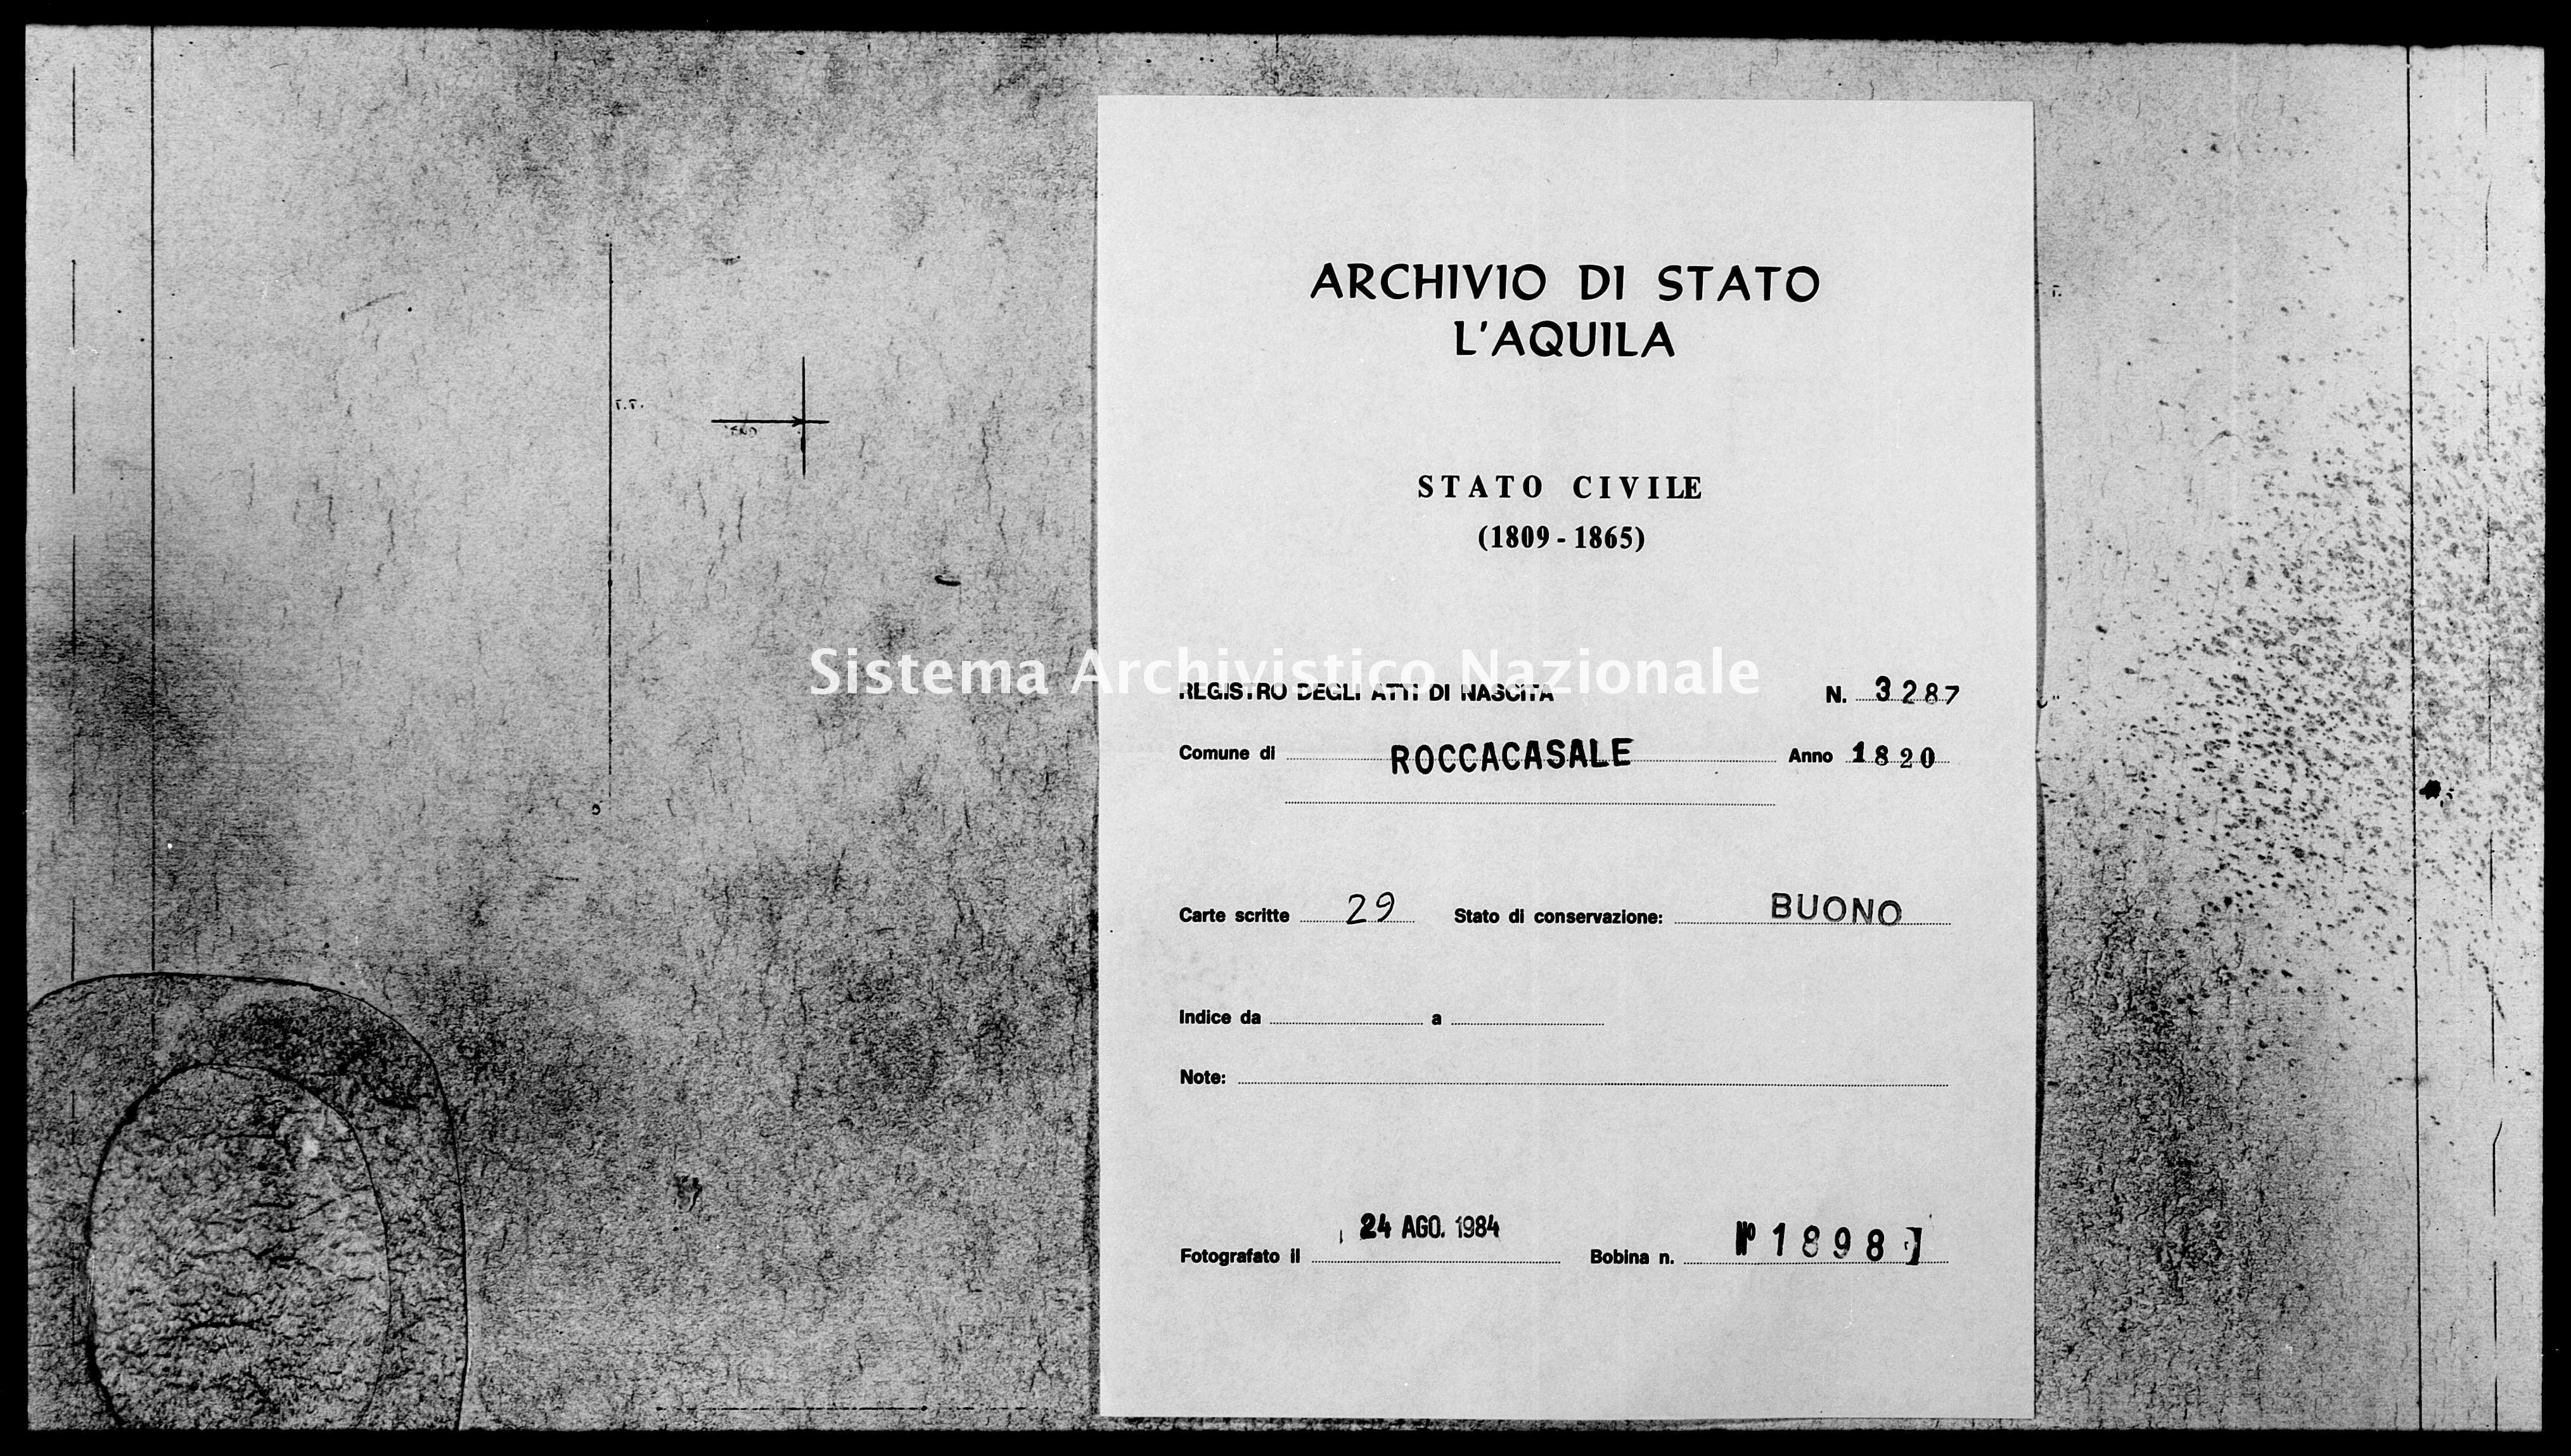 Archivio di stato di L'aquila - Stato civile della restaurazione - Roccacasale - Nati - 1820 - 3287 -